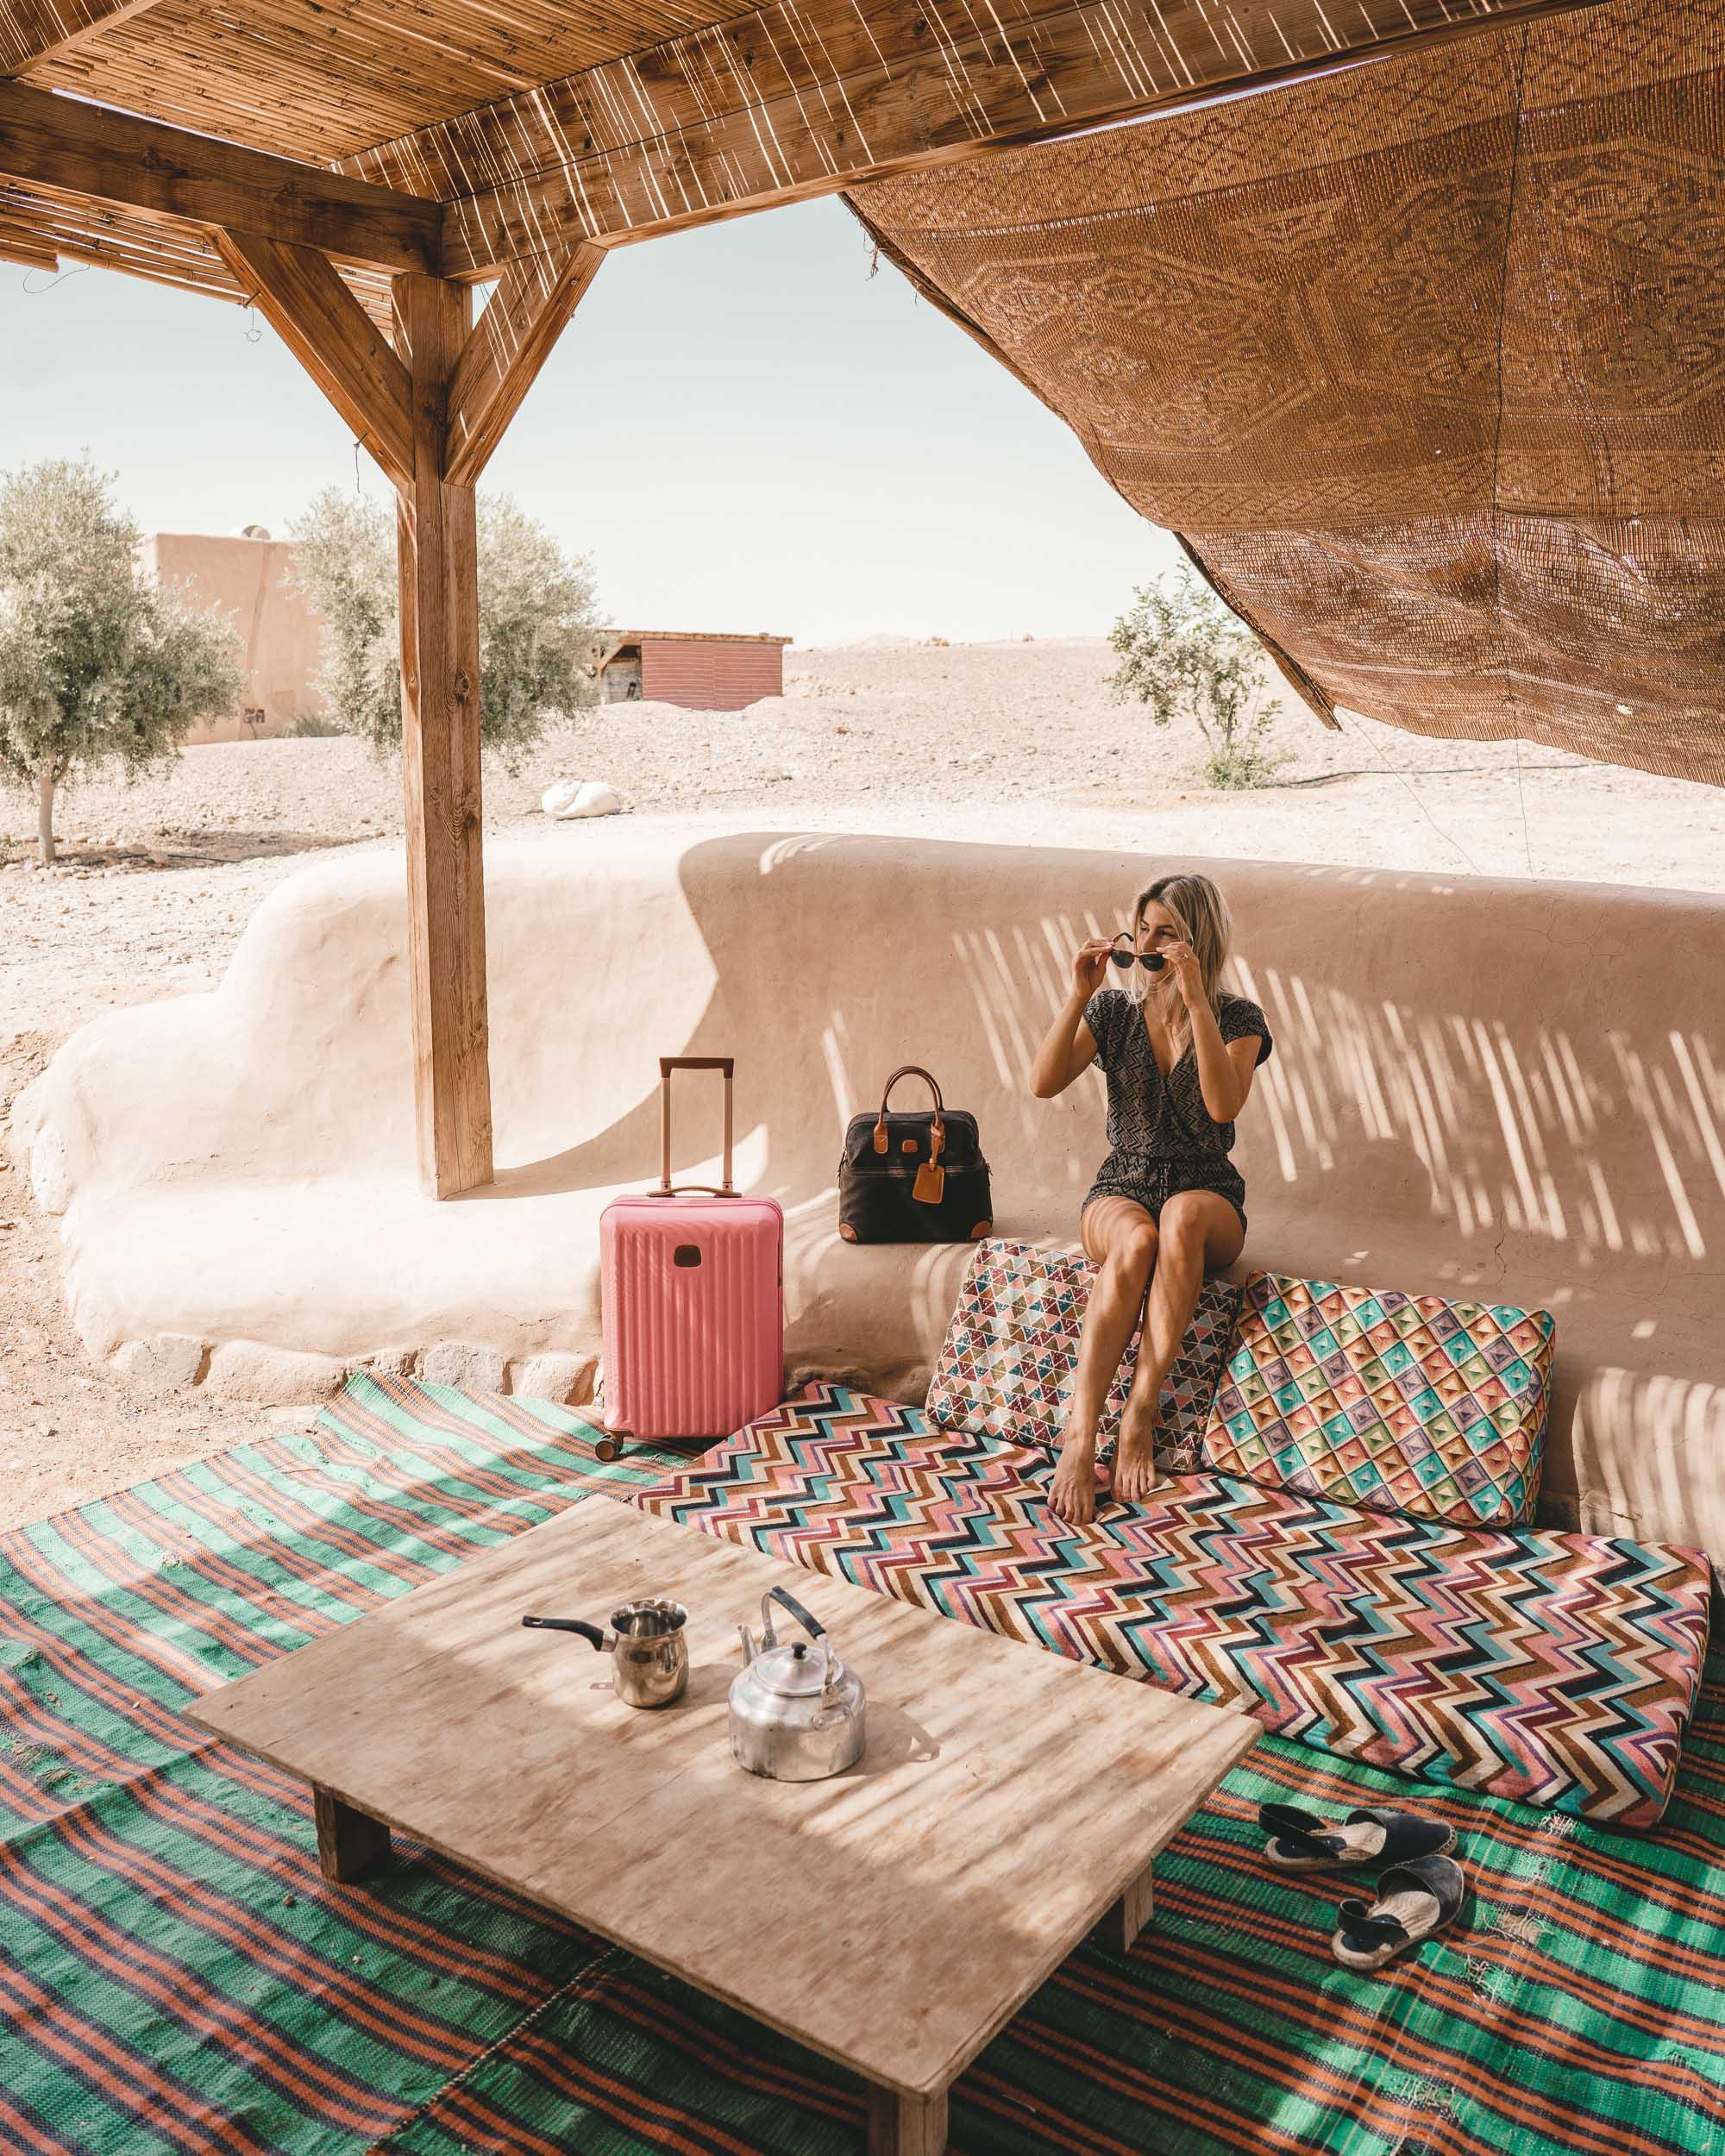 Desert Days camp outside in Negev Desert Israel Find Us Lost